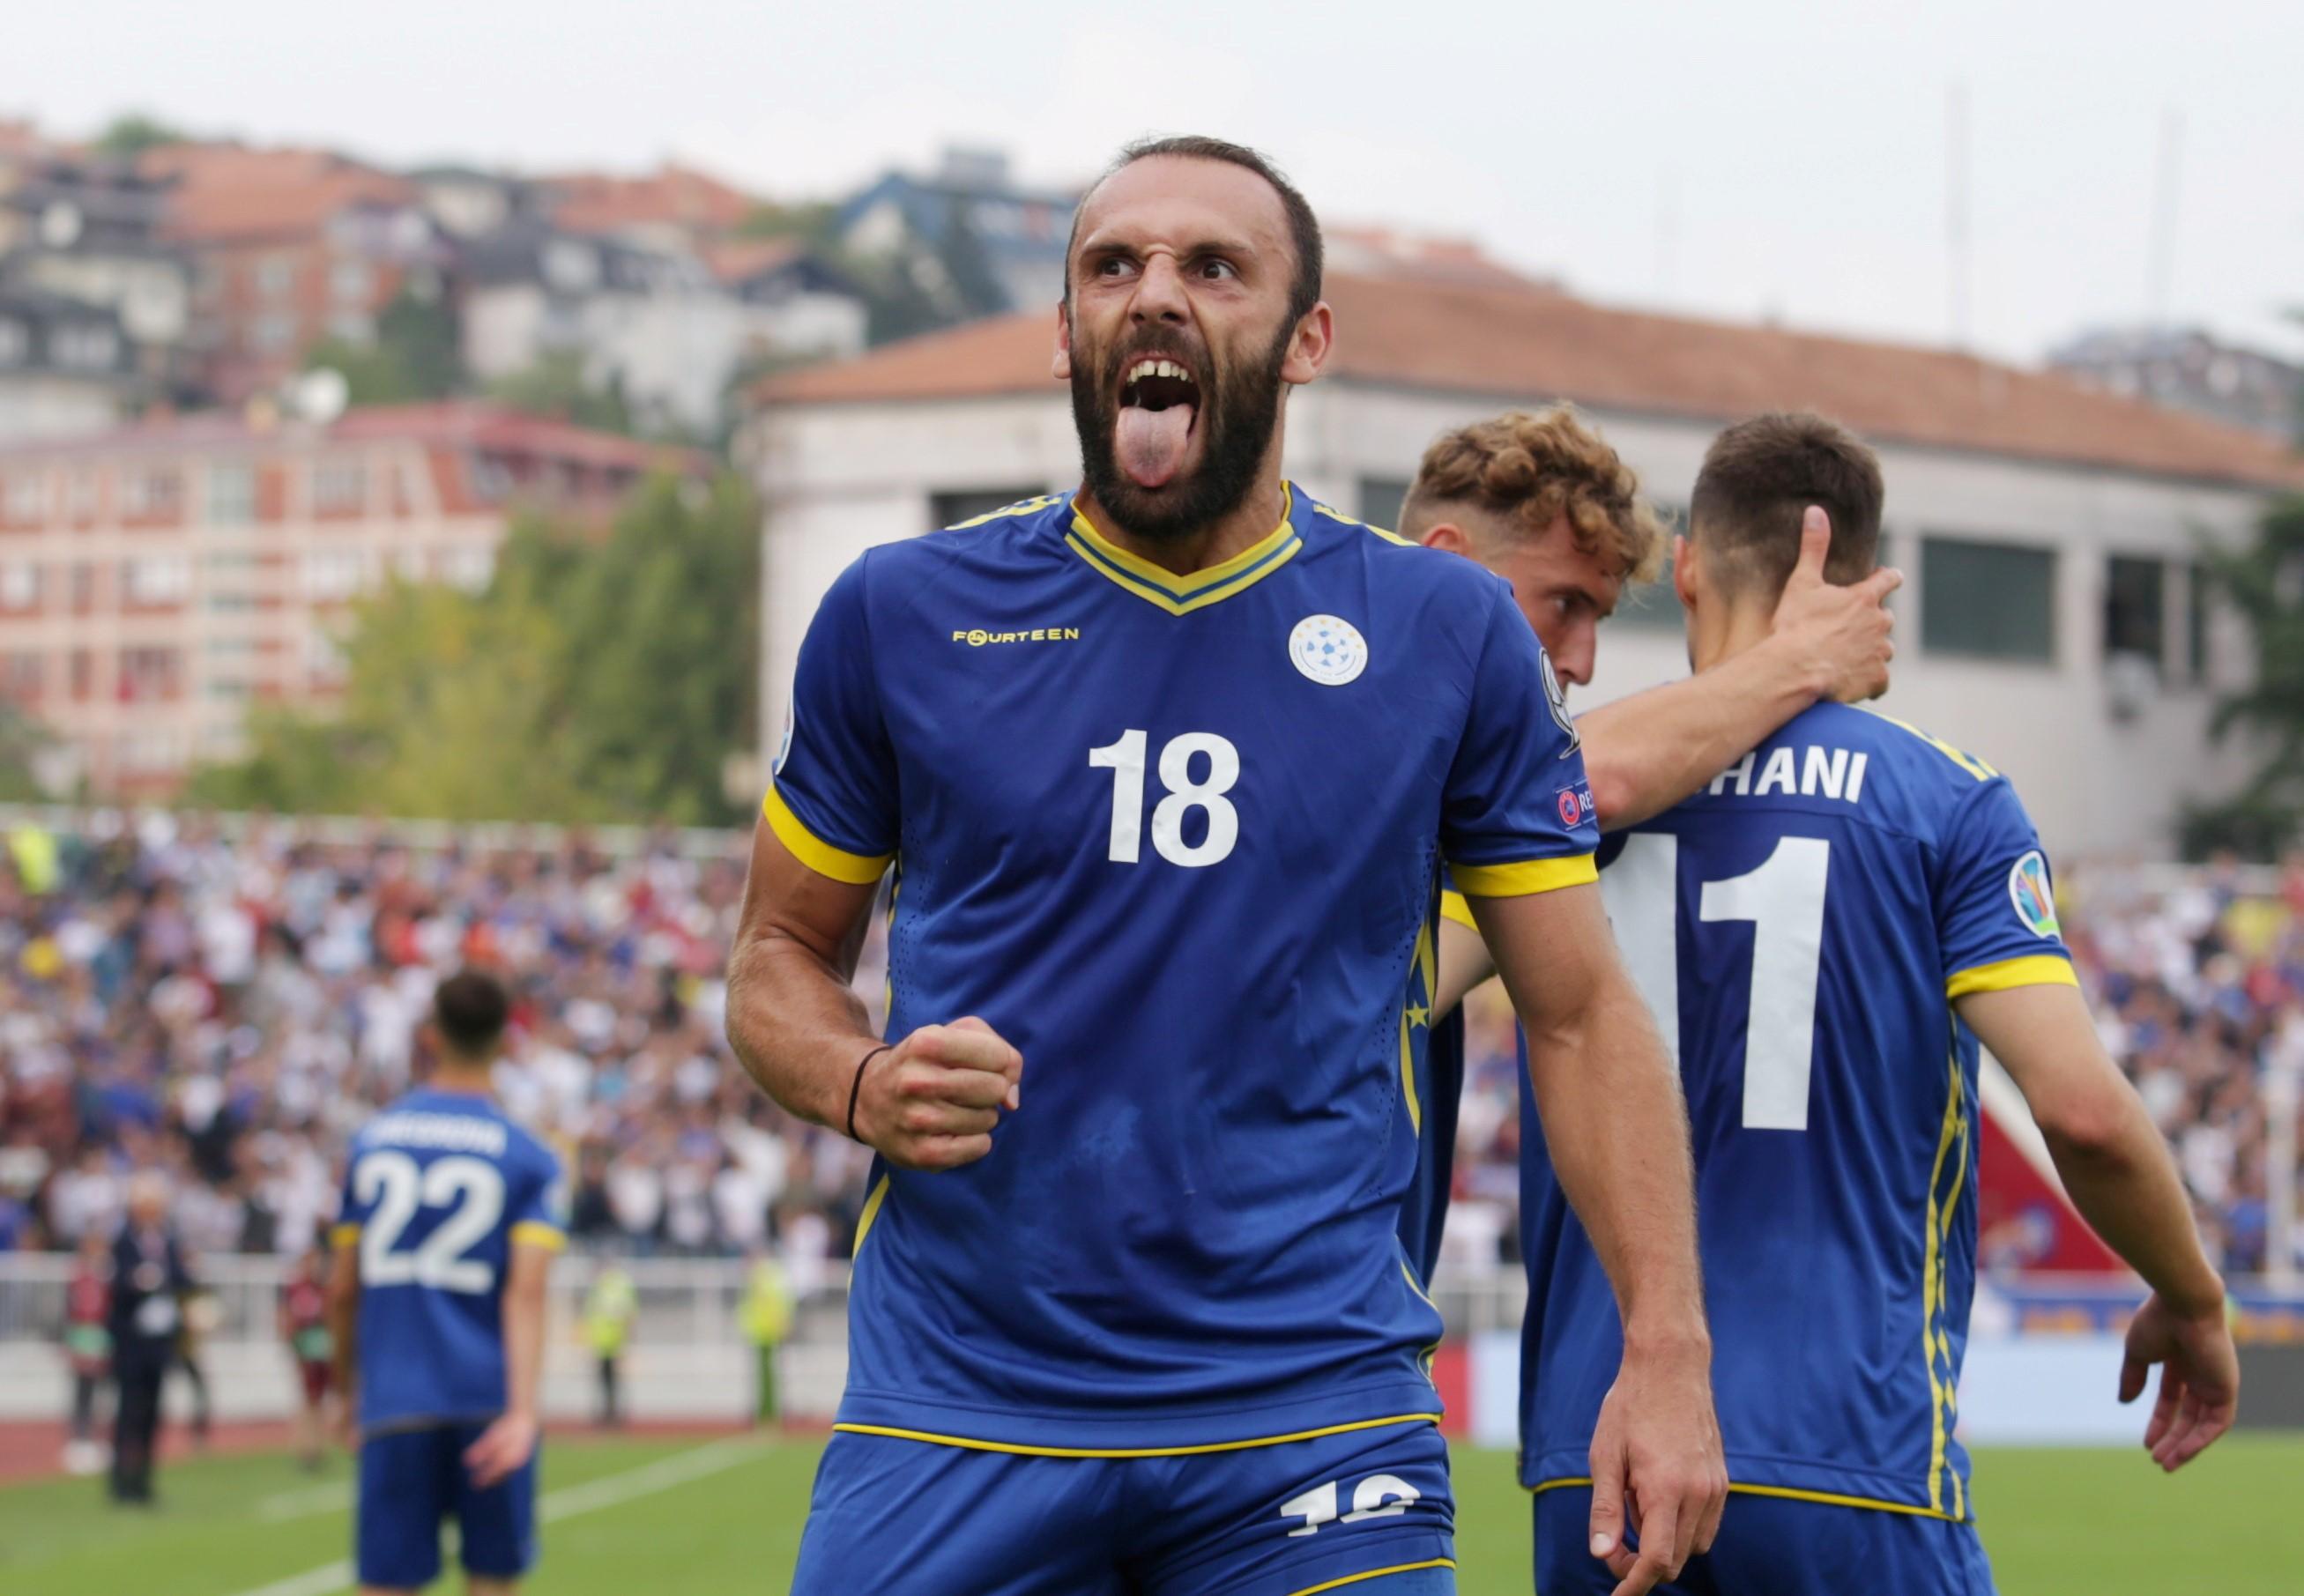 Vedat Muriqi, Kosova Milli Takımı formasıyla, 2-1 kazandıkları Çekya maçından